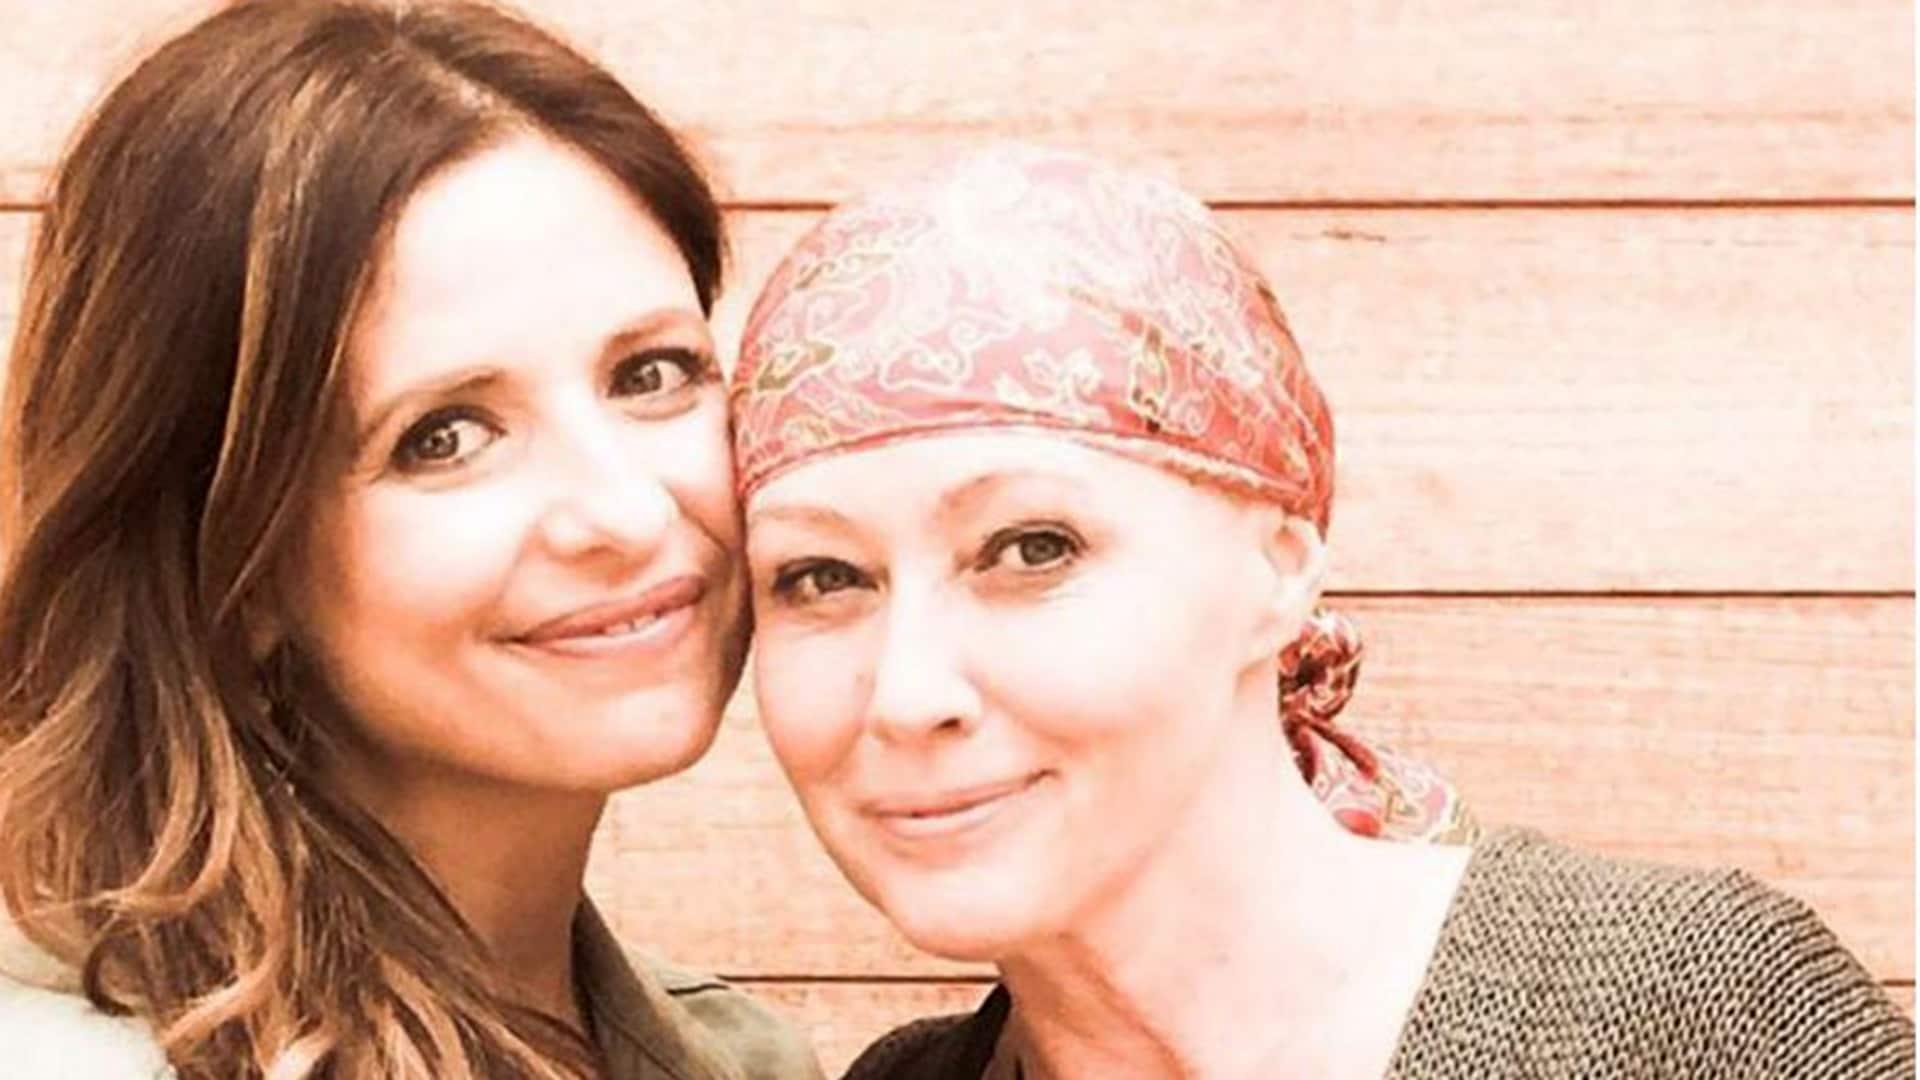 Sarah Michelle Gellar and Shannen Doherty